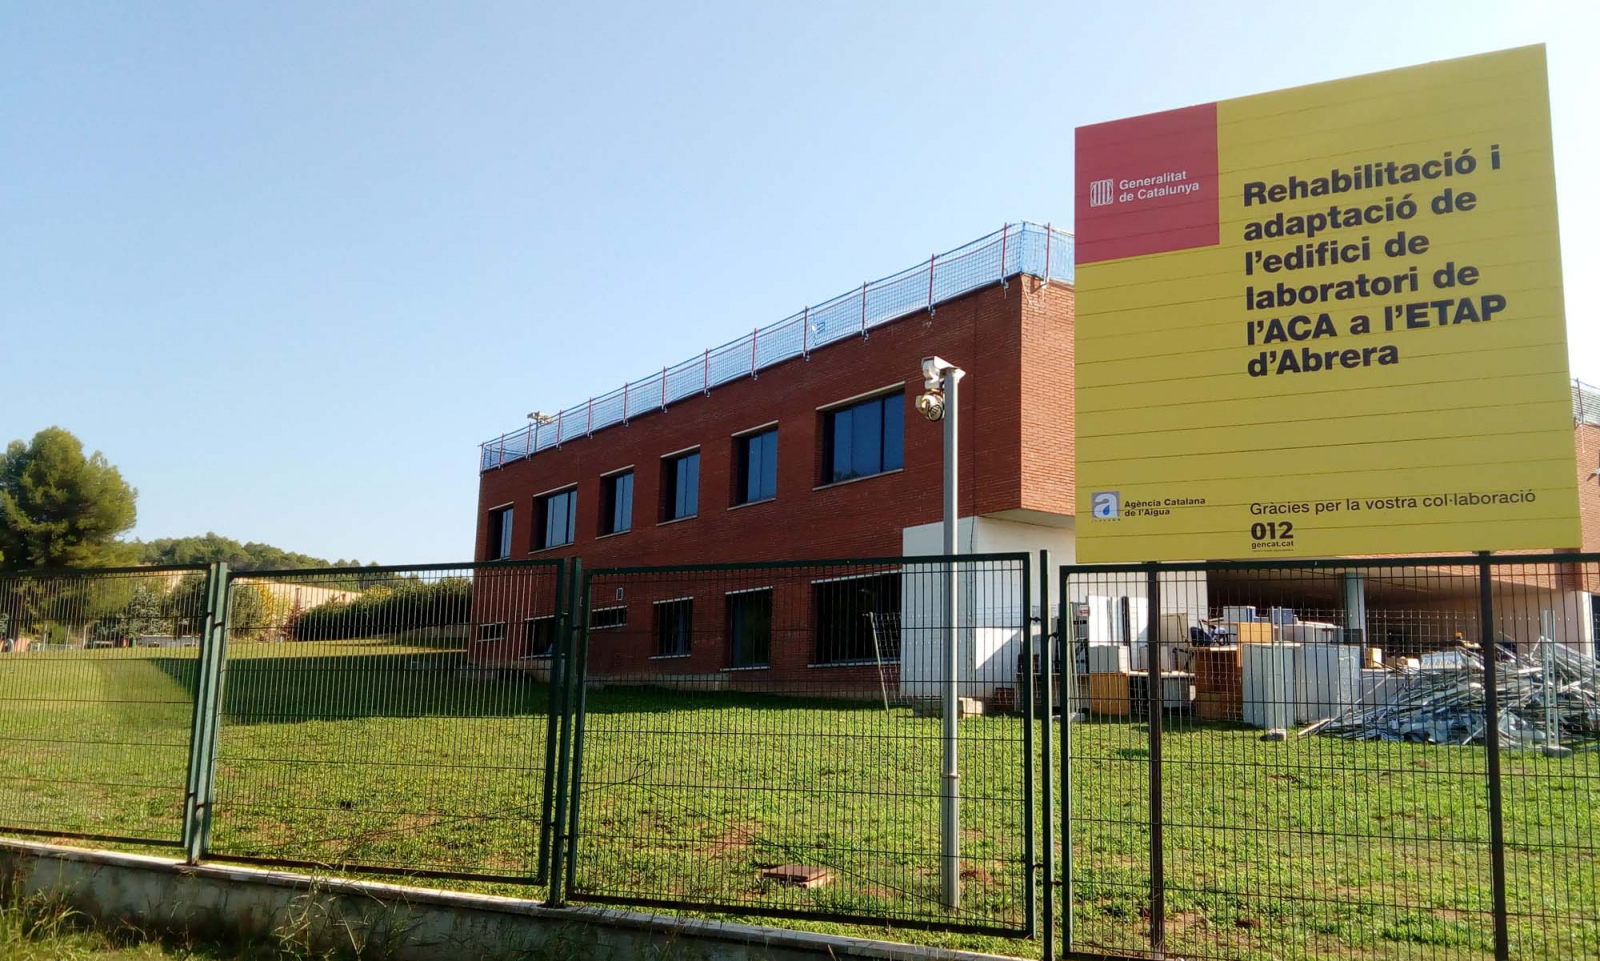 Vista de l'exterior del laboratori d'Abrera